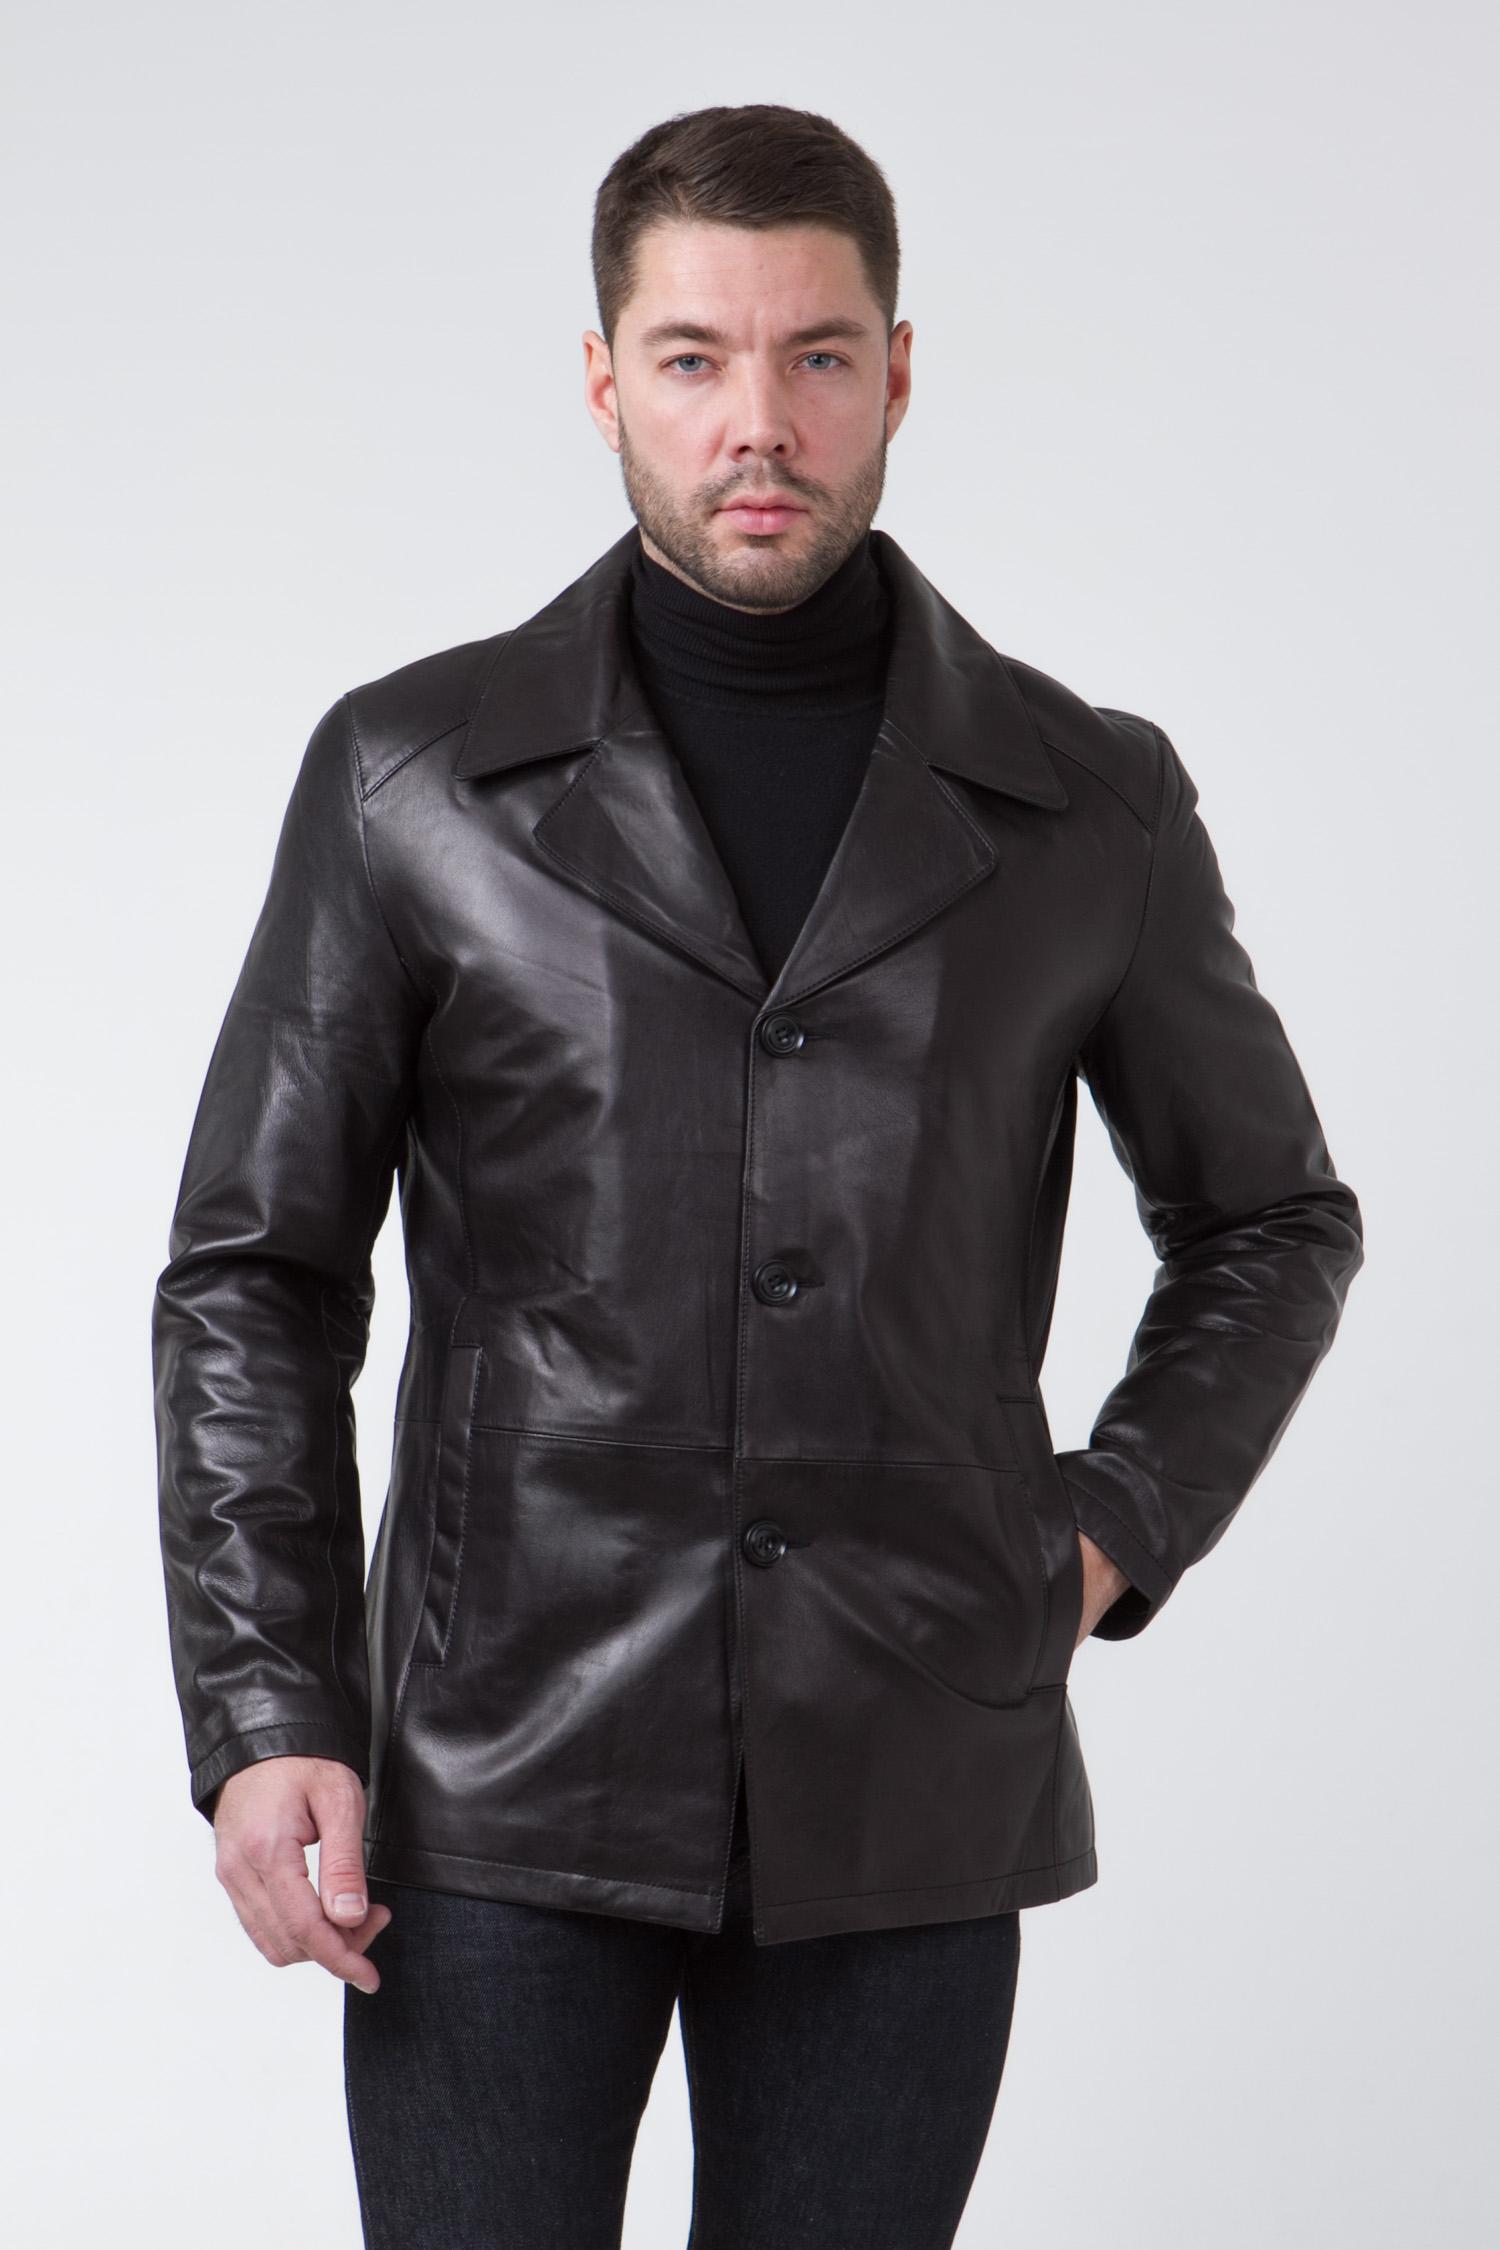 Мужская кожаная куртка из натуральной кожи с воротником, без отделки<br><br>Воротник: английский<br>Длина см: Короткая (51-74 )<br>Материал: Кожа овчина<br>Цвет: черный<br>Вид застежки: центральная<br>Застежка: на пуговицы<br>Пол: Мужской<br>Размер RU: 56